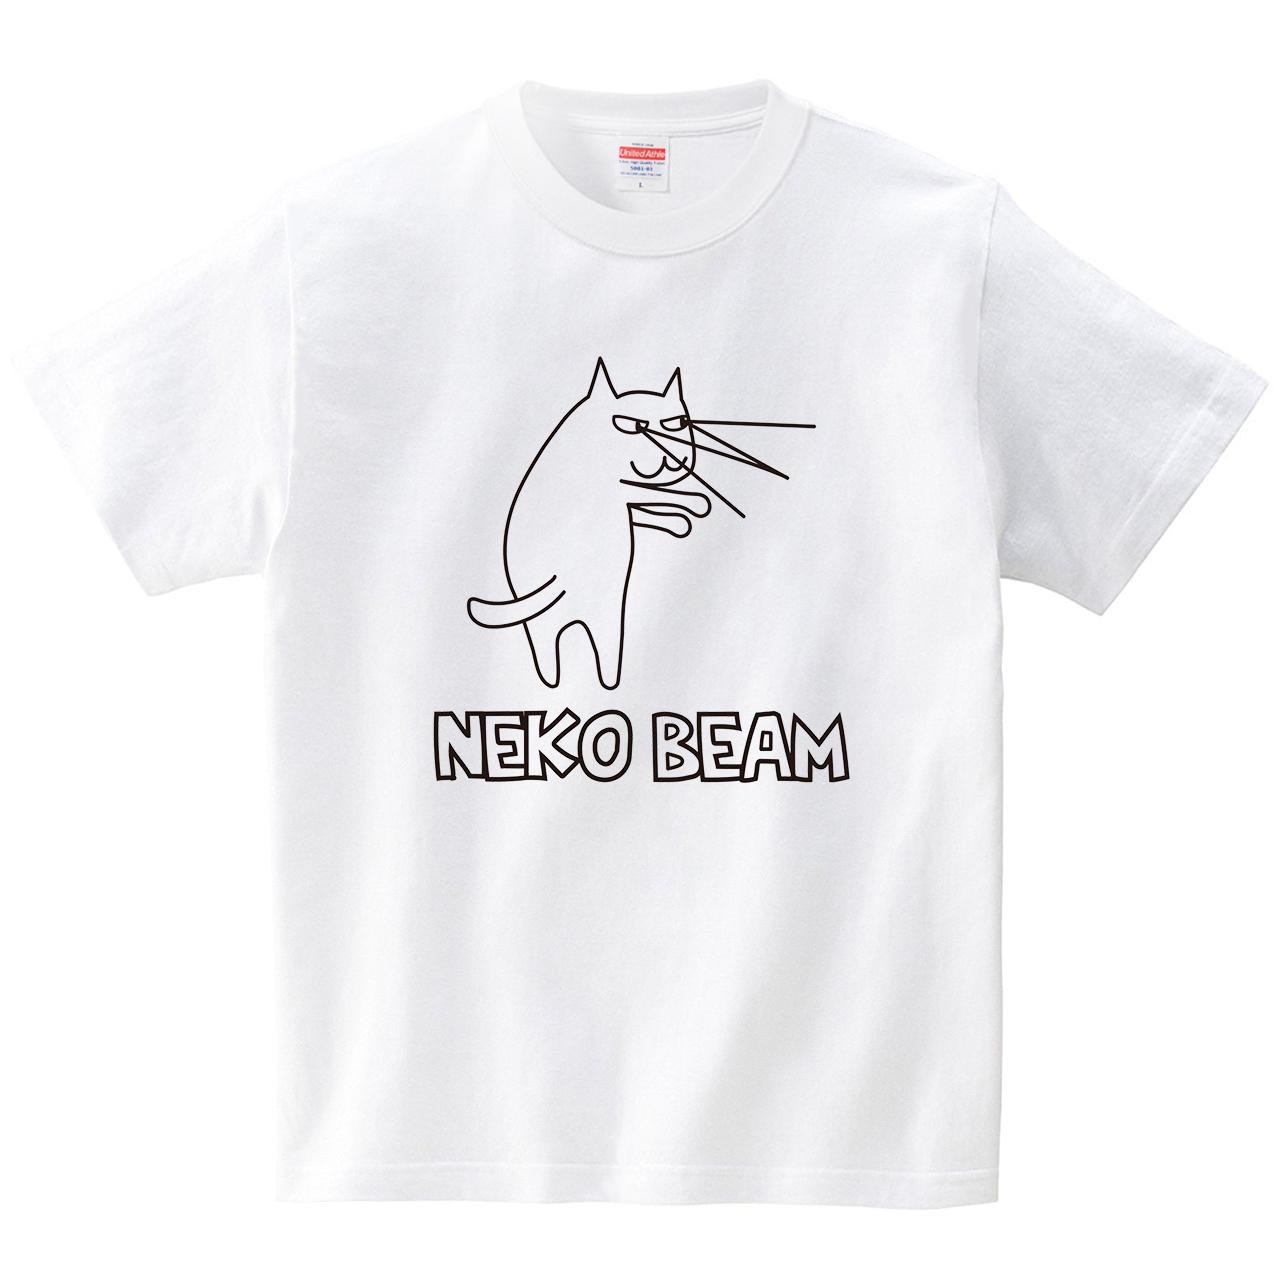 ネコビーム(Tシャツ・ホワイト)(CHATON_CATON_T)